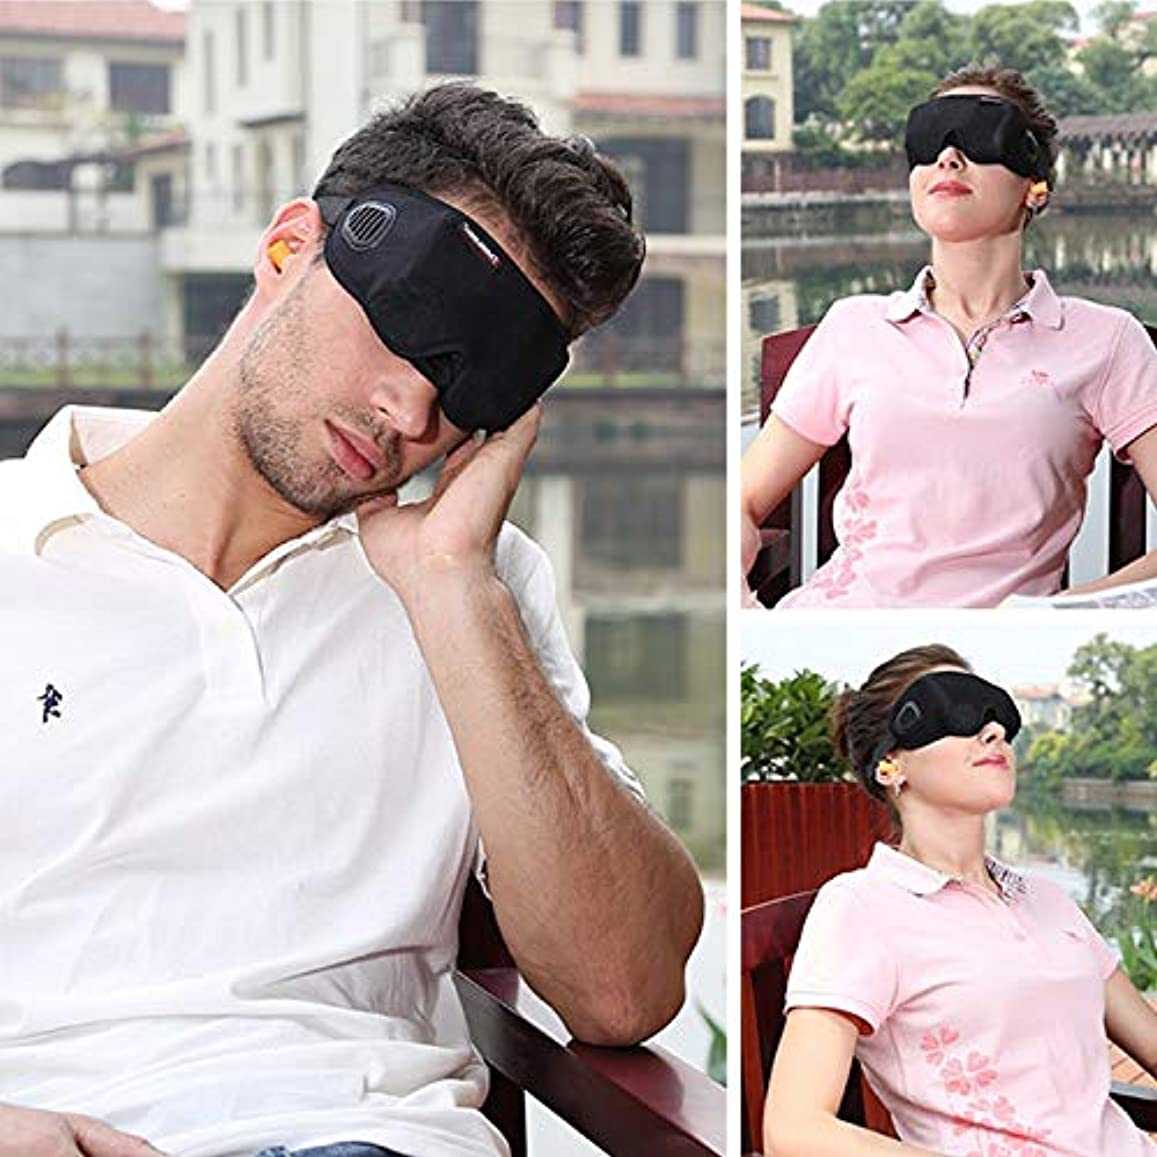 声を出して告発段落注意ソフト通気性3Dスリーピングアイマスクアイシェードブラック包帯用スリープマスクブラックアイズカバー目隠し用睡眠旅行残り